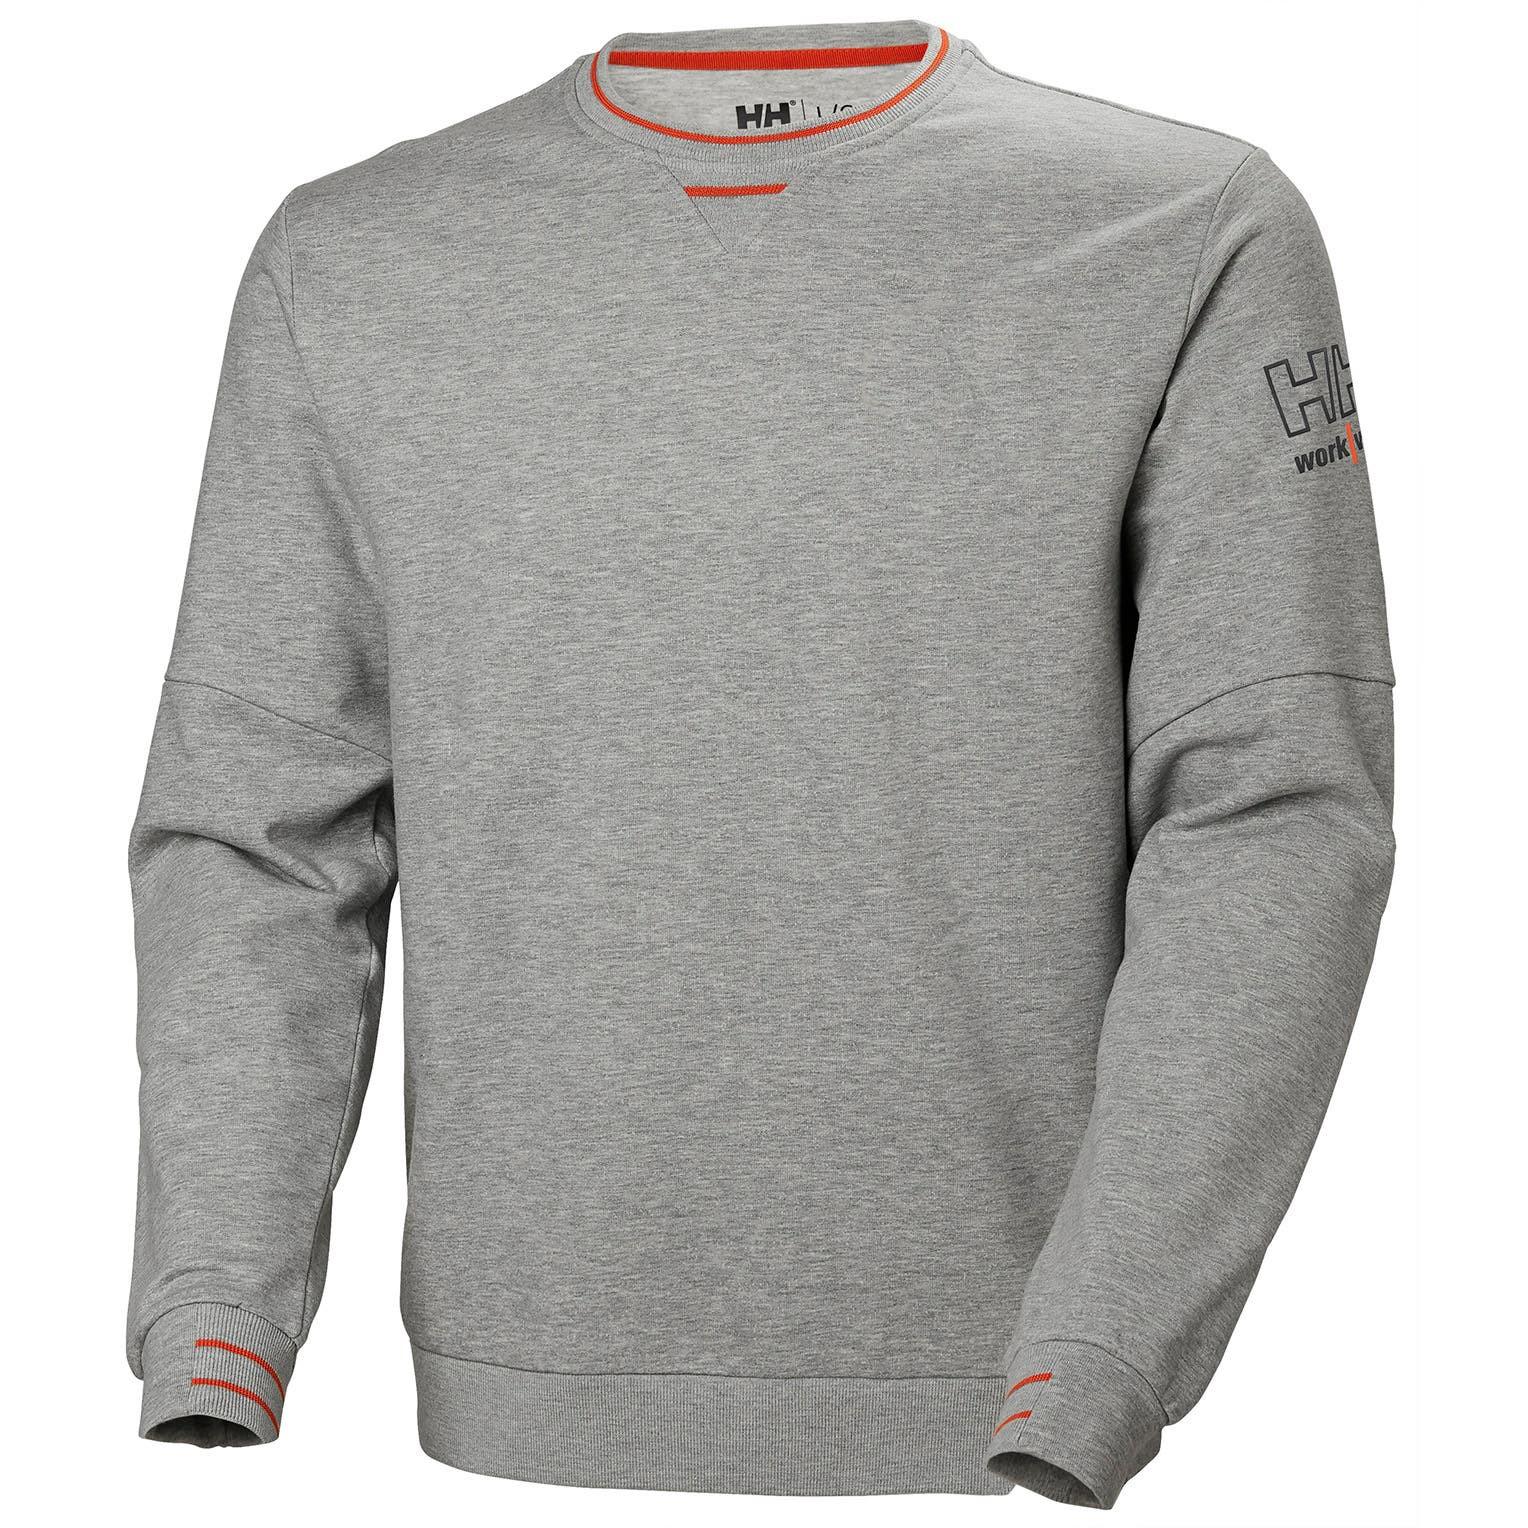 Кофта Helly Hansen Kensington Sweatershirt - 79245 (Grey Melange, L)